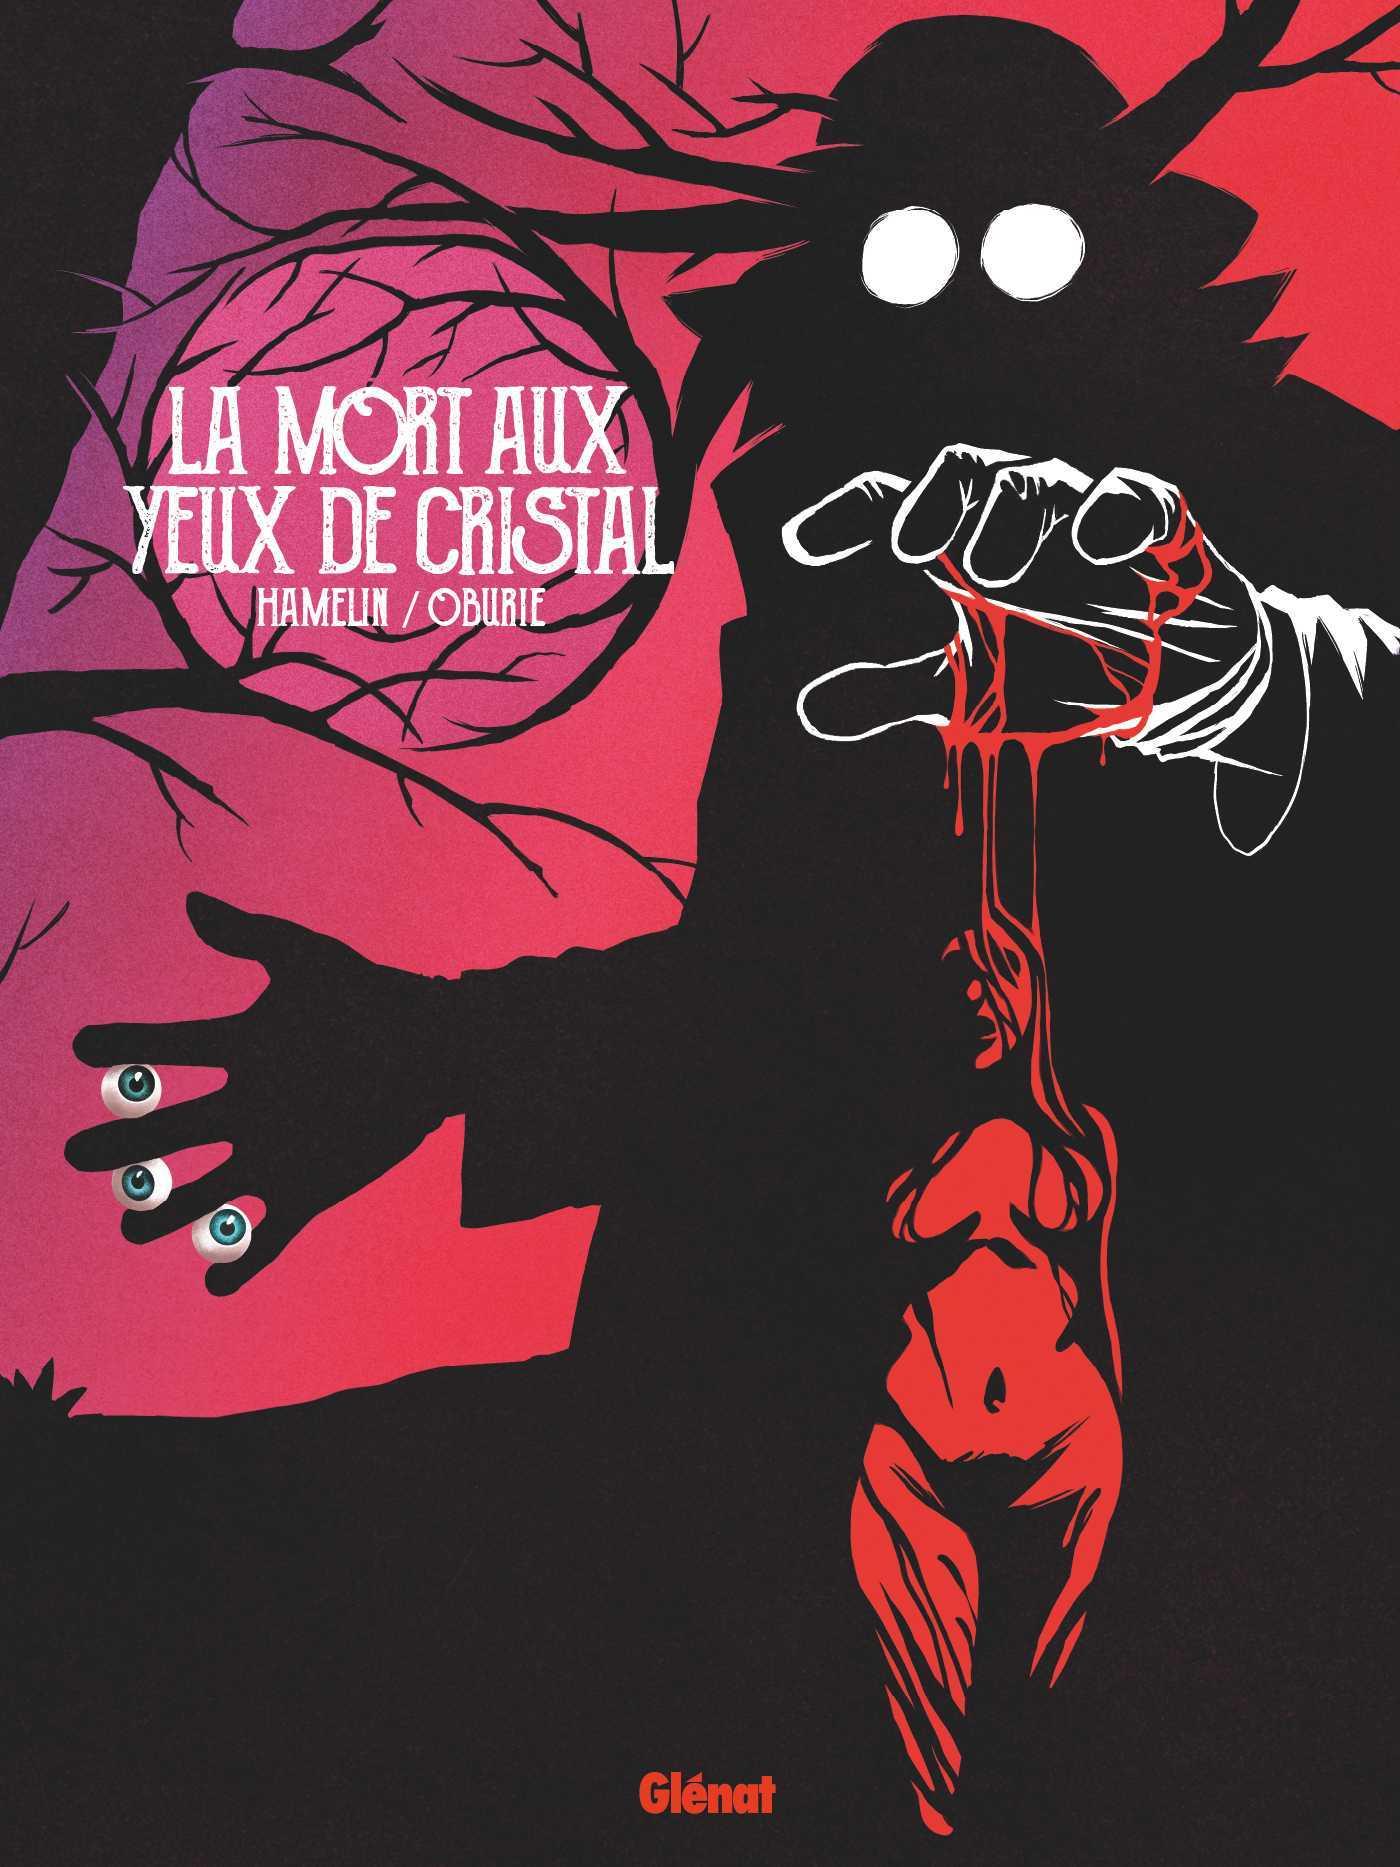 La Mort aux Yeux de cristal, l'influence du Giallo